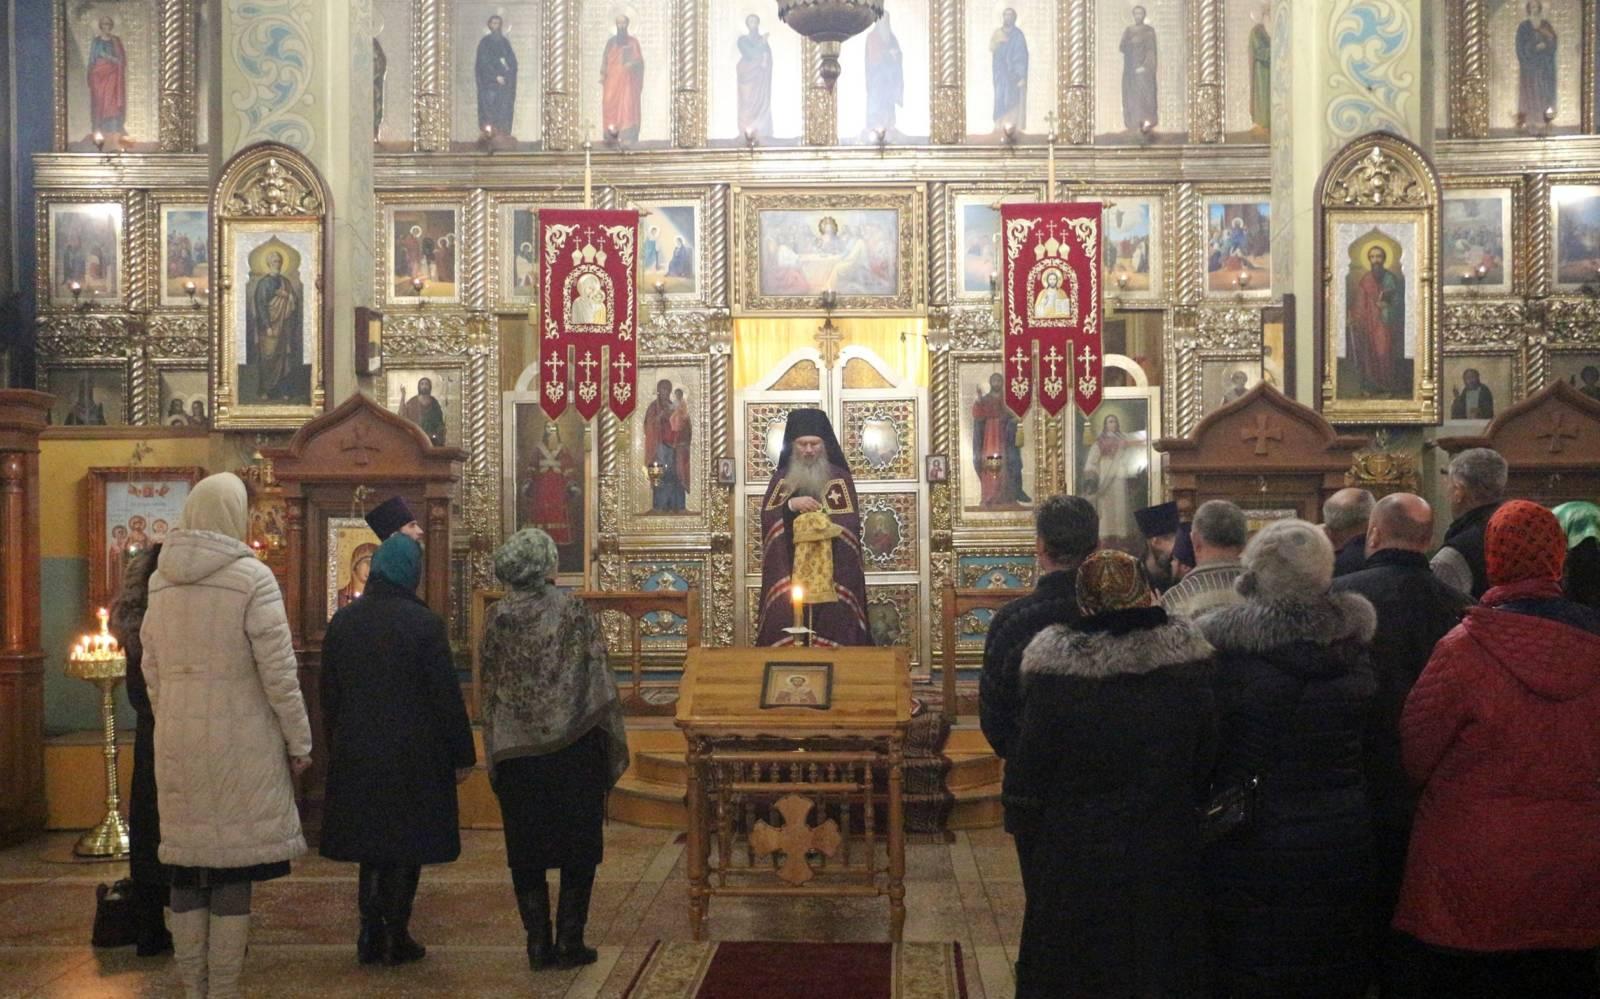 В канун Дня памяти Перенесение мощей свт. Иоа́нна Златоуста, архиепископа Константинопольского.